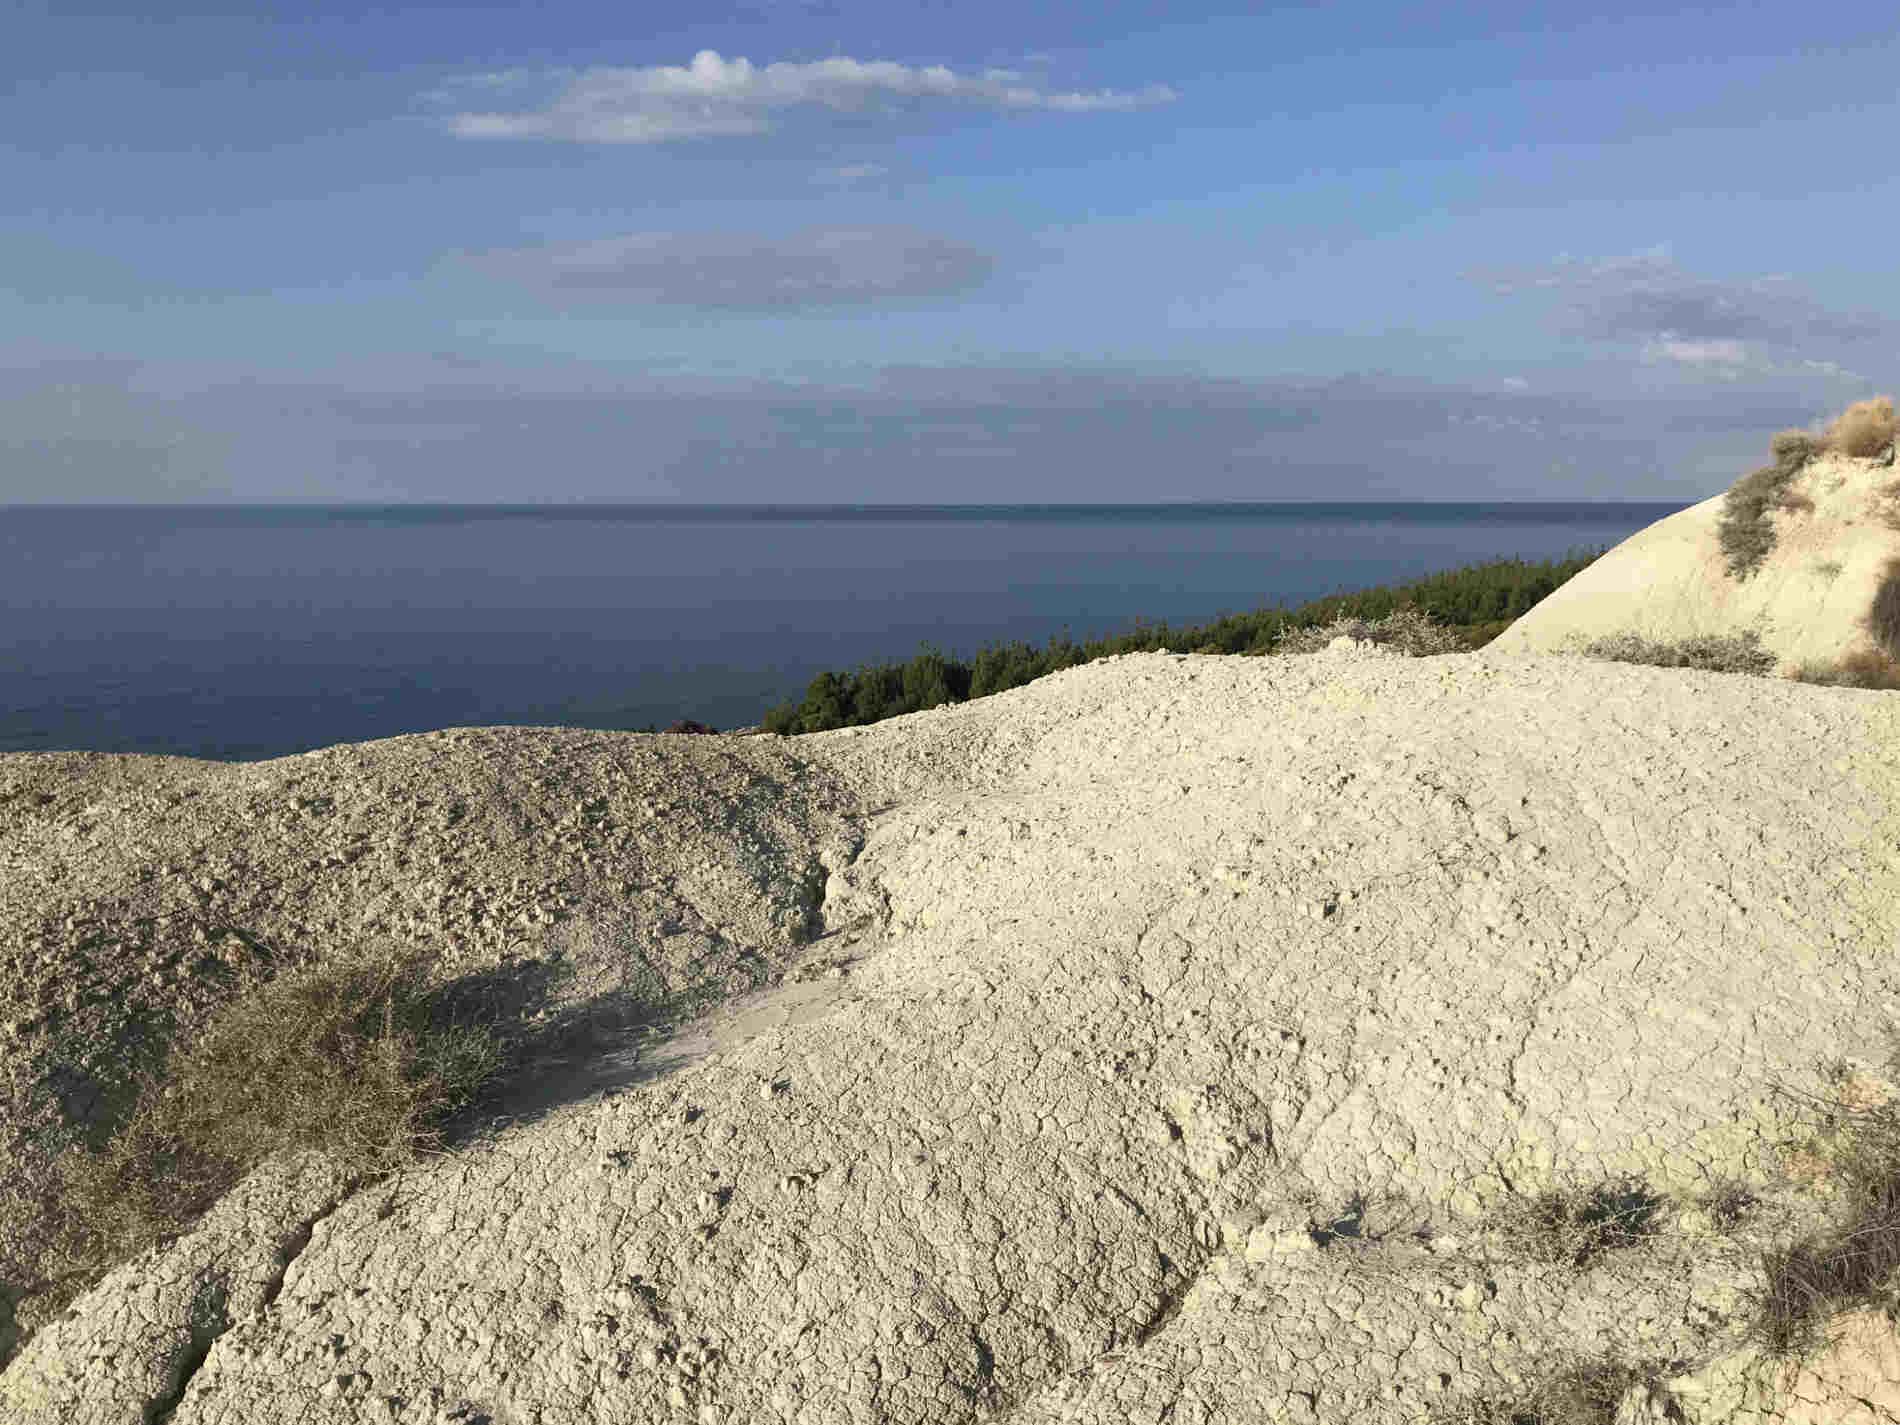 Vacanze sulla costa ionicadi Reggio Calabria I Calanchi di palizzi Marina